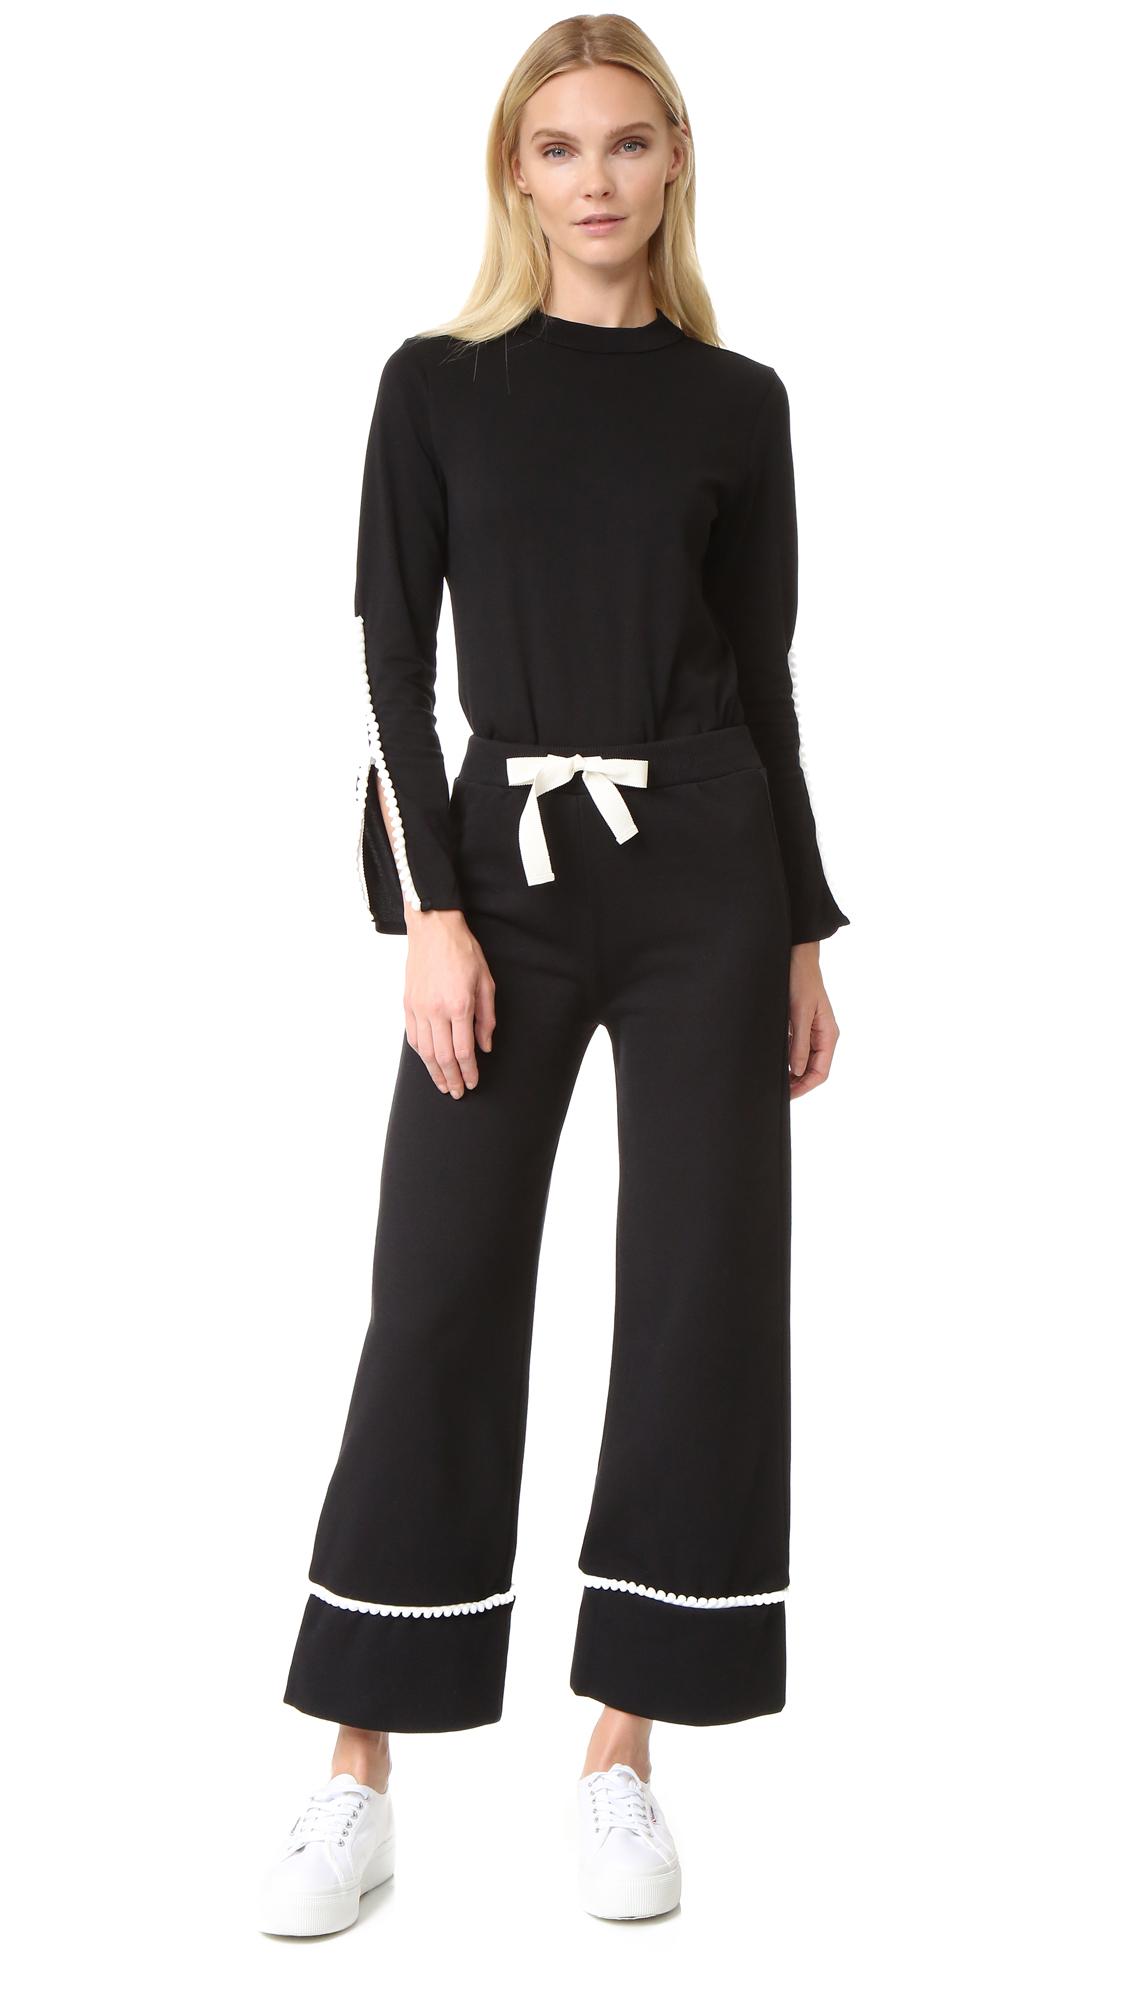 da3aa35d58f pepe jeans white denim pompom shorts - Ecosia